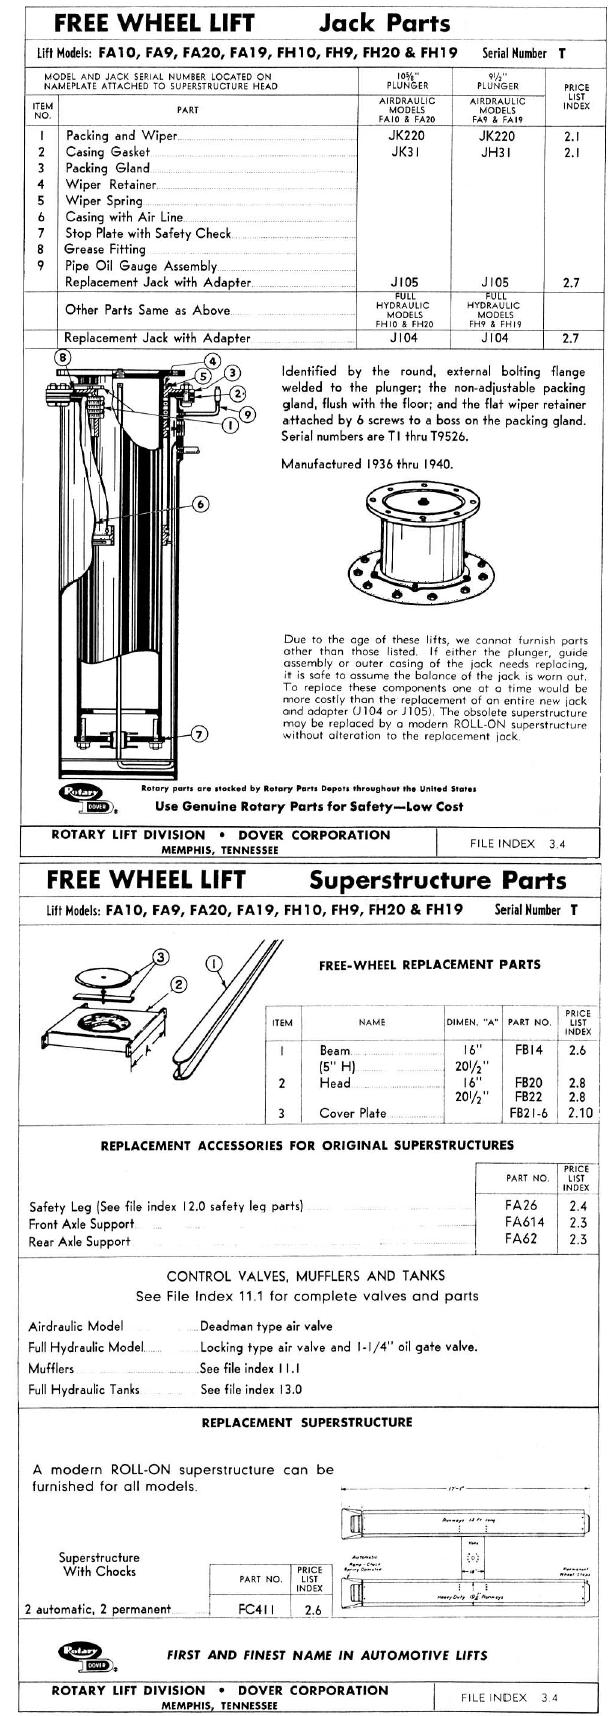 Parts Diagram For Rotary Fa20 Fa19 Fa10 Fa9 Fh20 Fh19 Fh10 Fh9